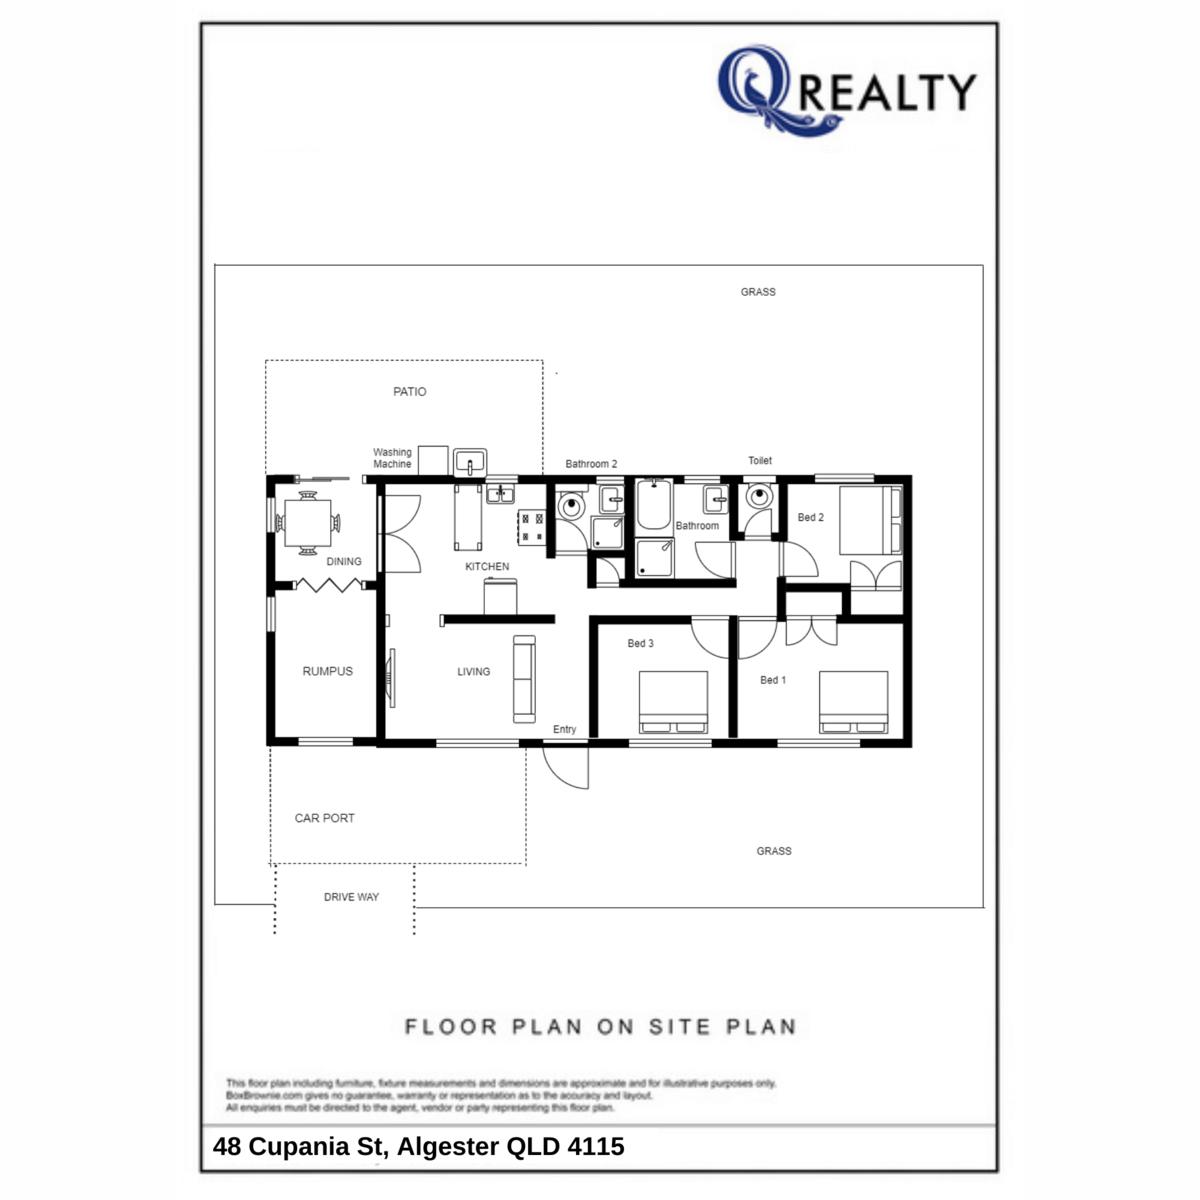 48 Cupania Street, Algester  QLD  4115